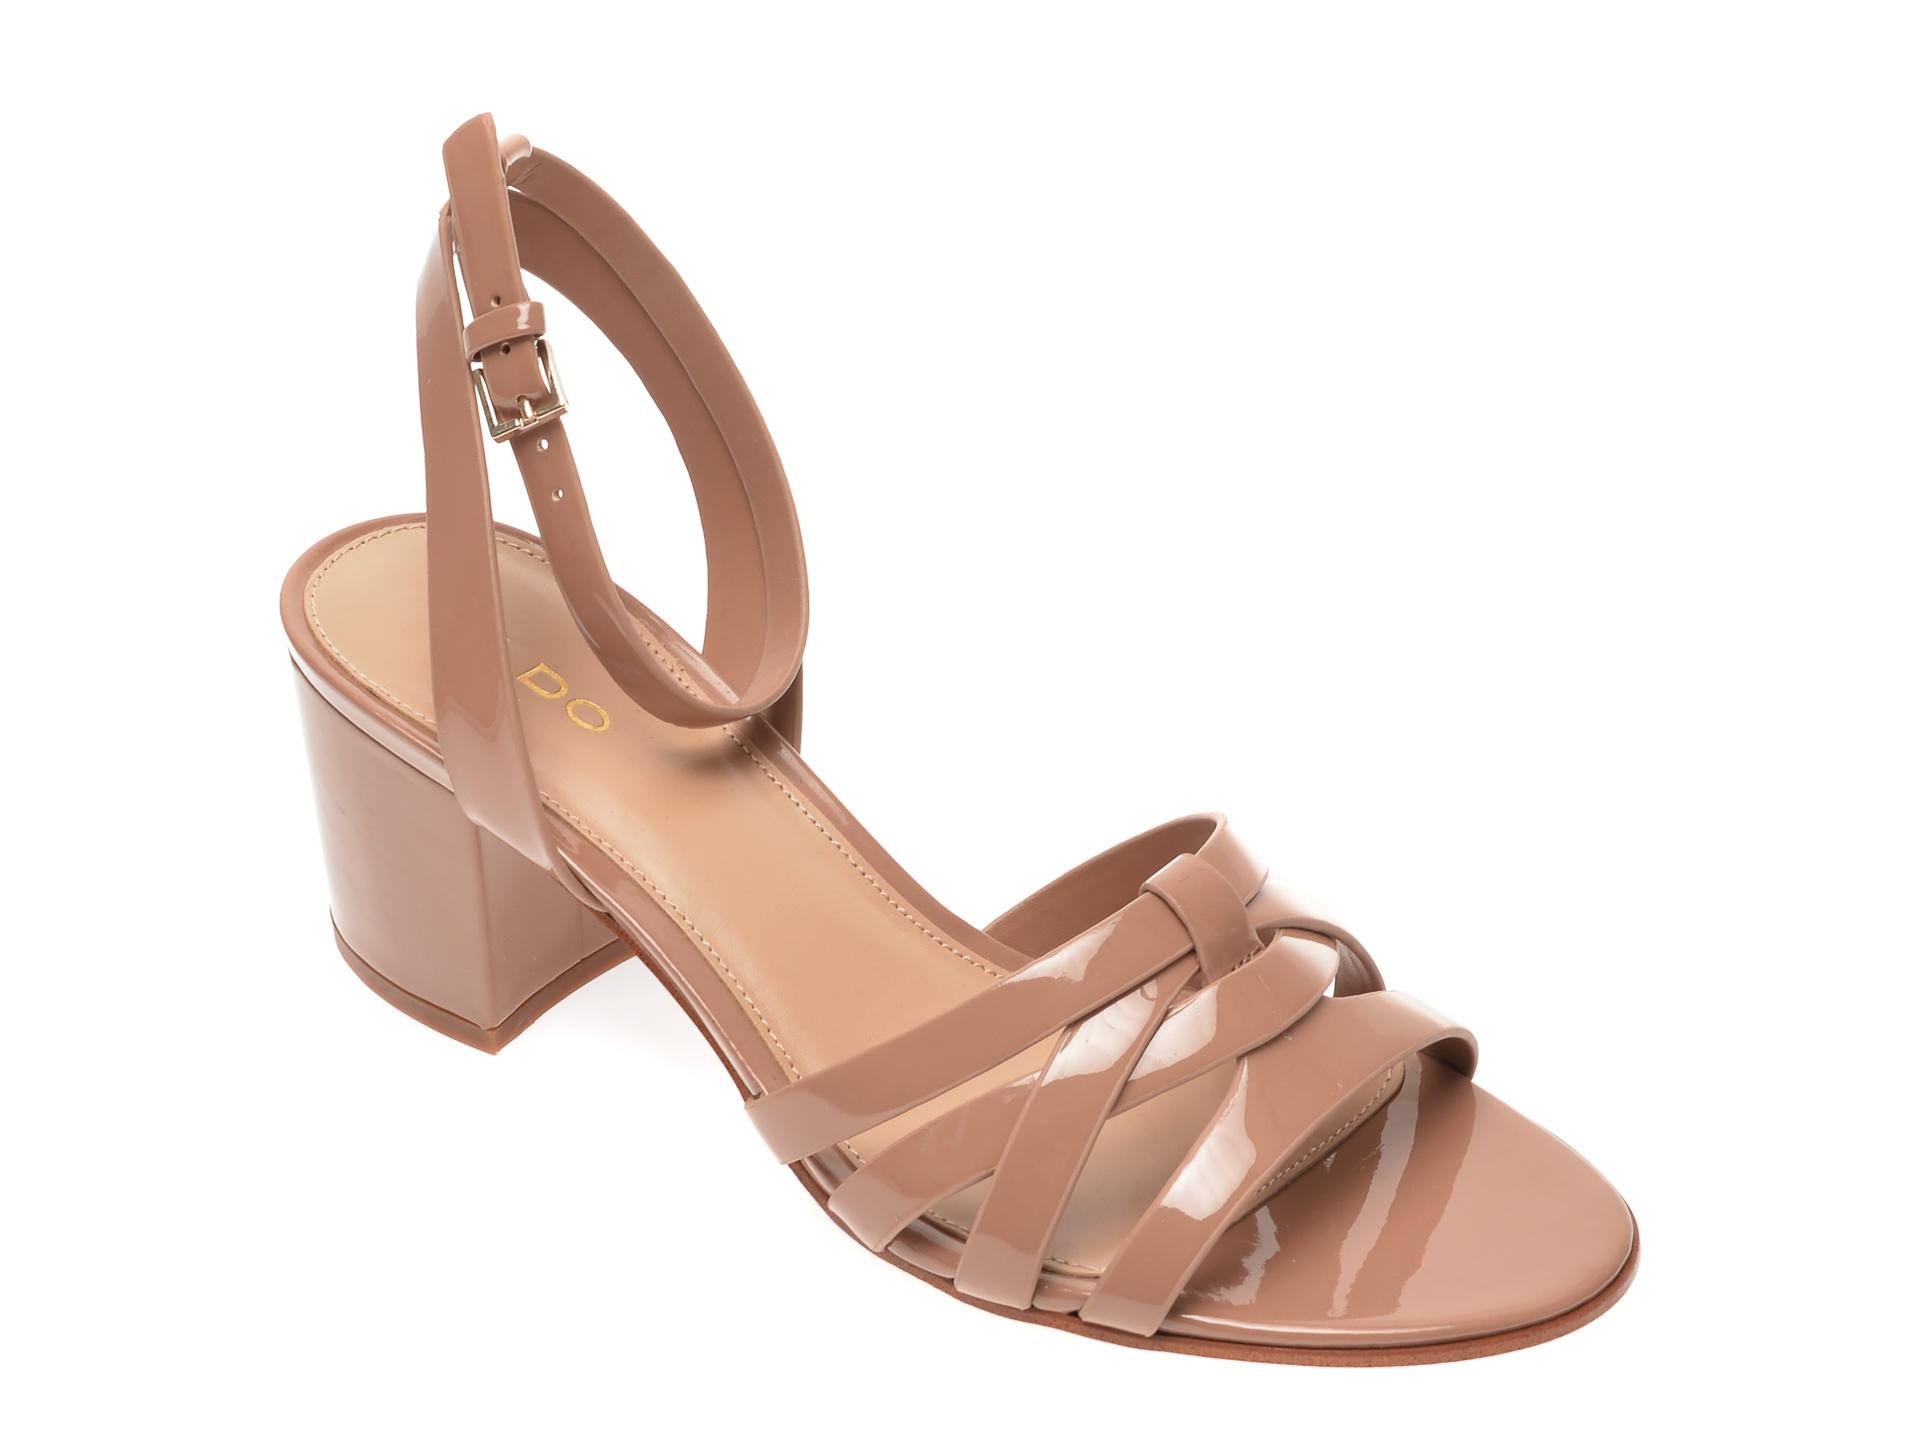 Sandale ALDO nude, Hillia270, din piele ecologica imagine otter.ro